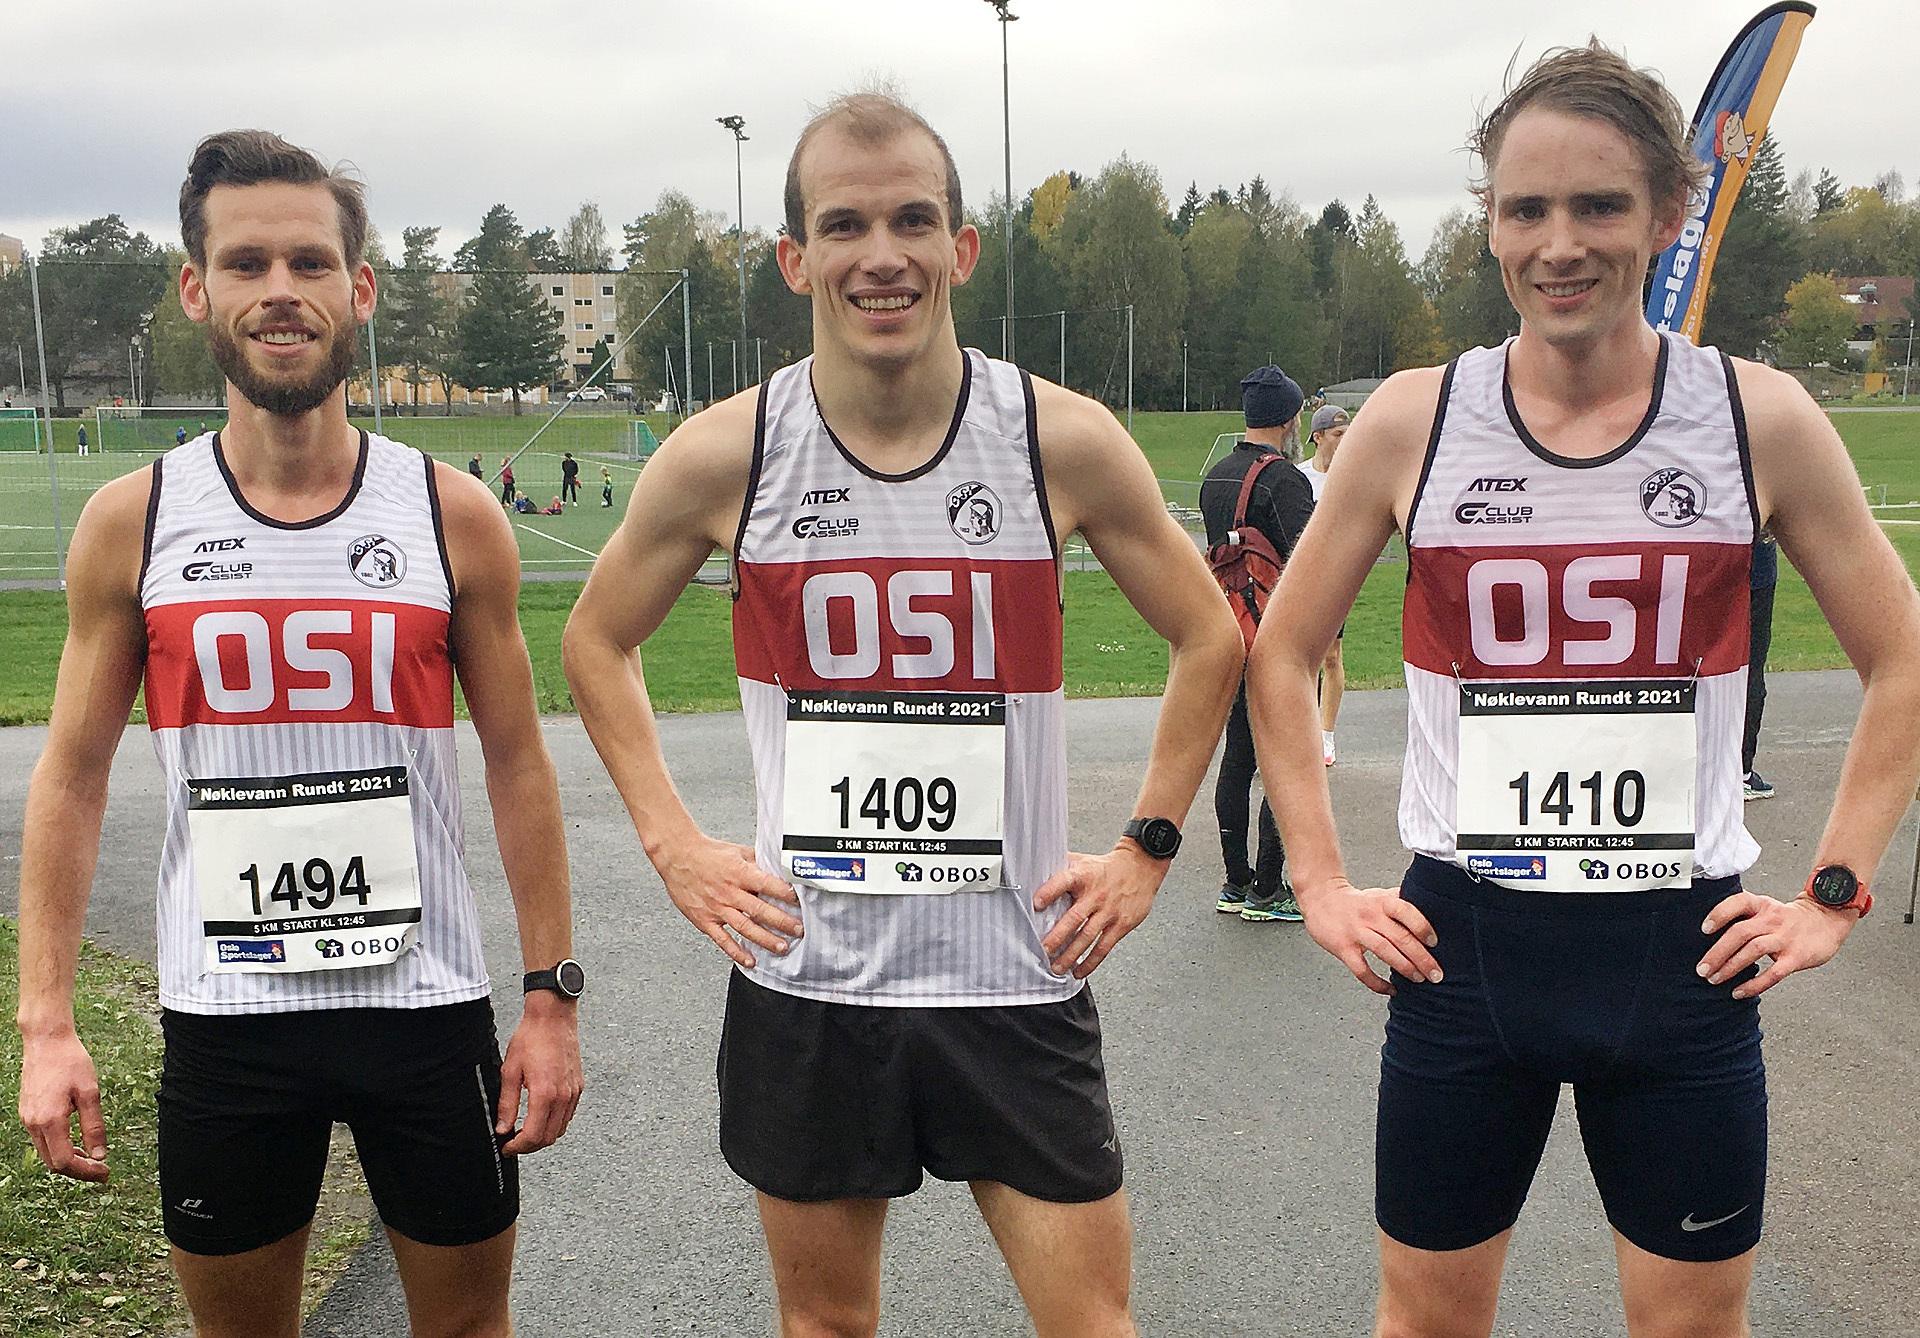 5km-3-beste-herrer_foto_Trond_Olav_Berg.jpg